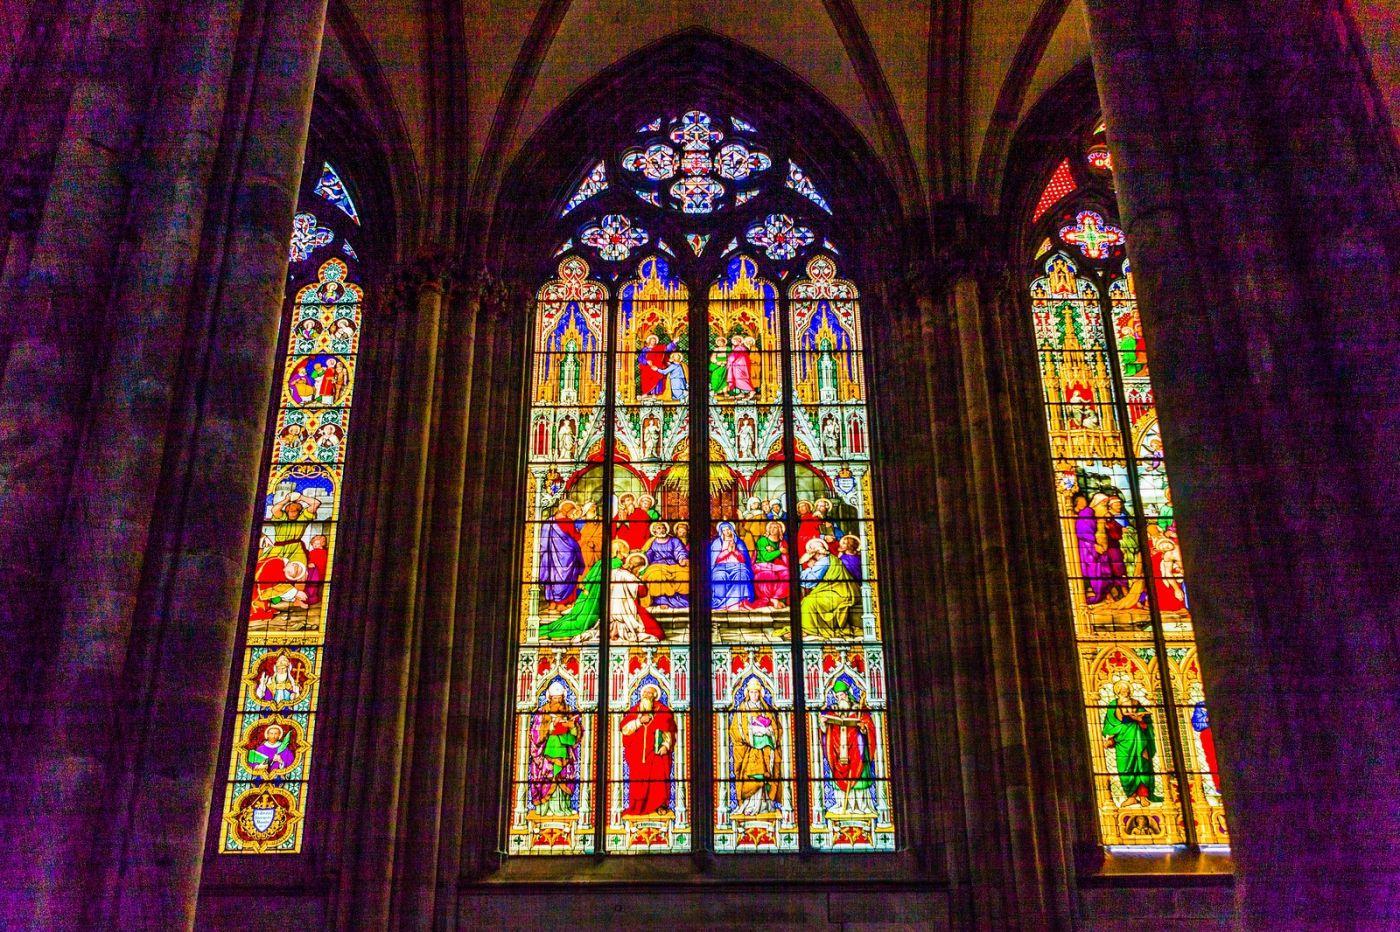 德国科隆大教堂,独一无二的窗户玻璃_图1-1